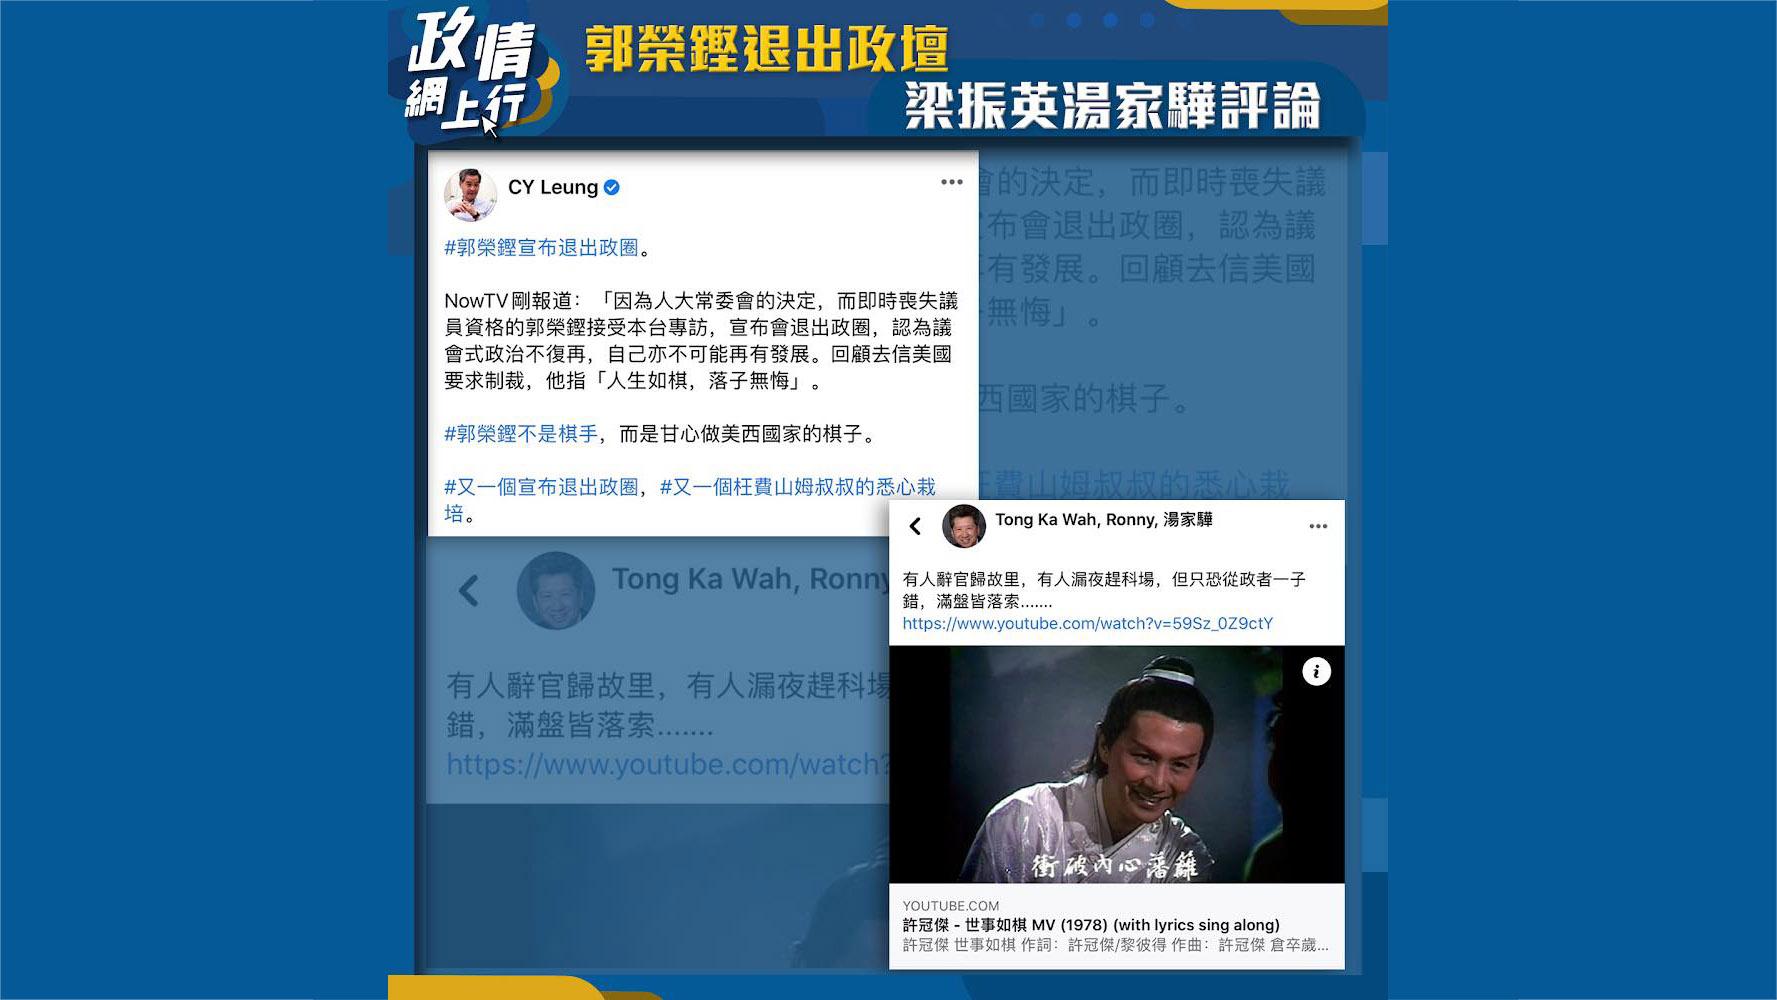 【政情網上行】郭榮鏗退出政壇 梁振英湯家驊評論